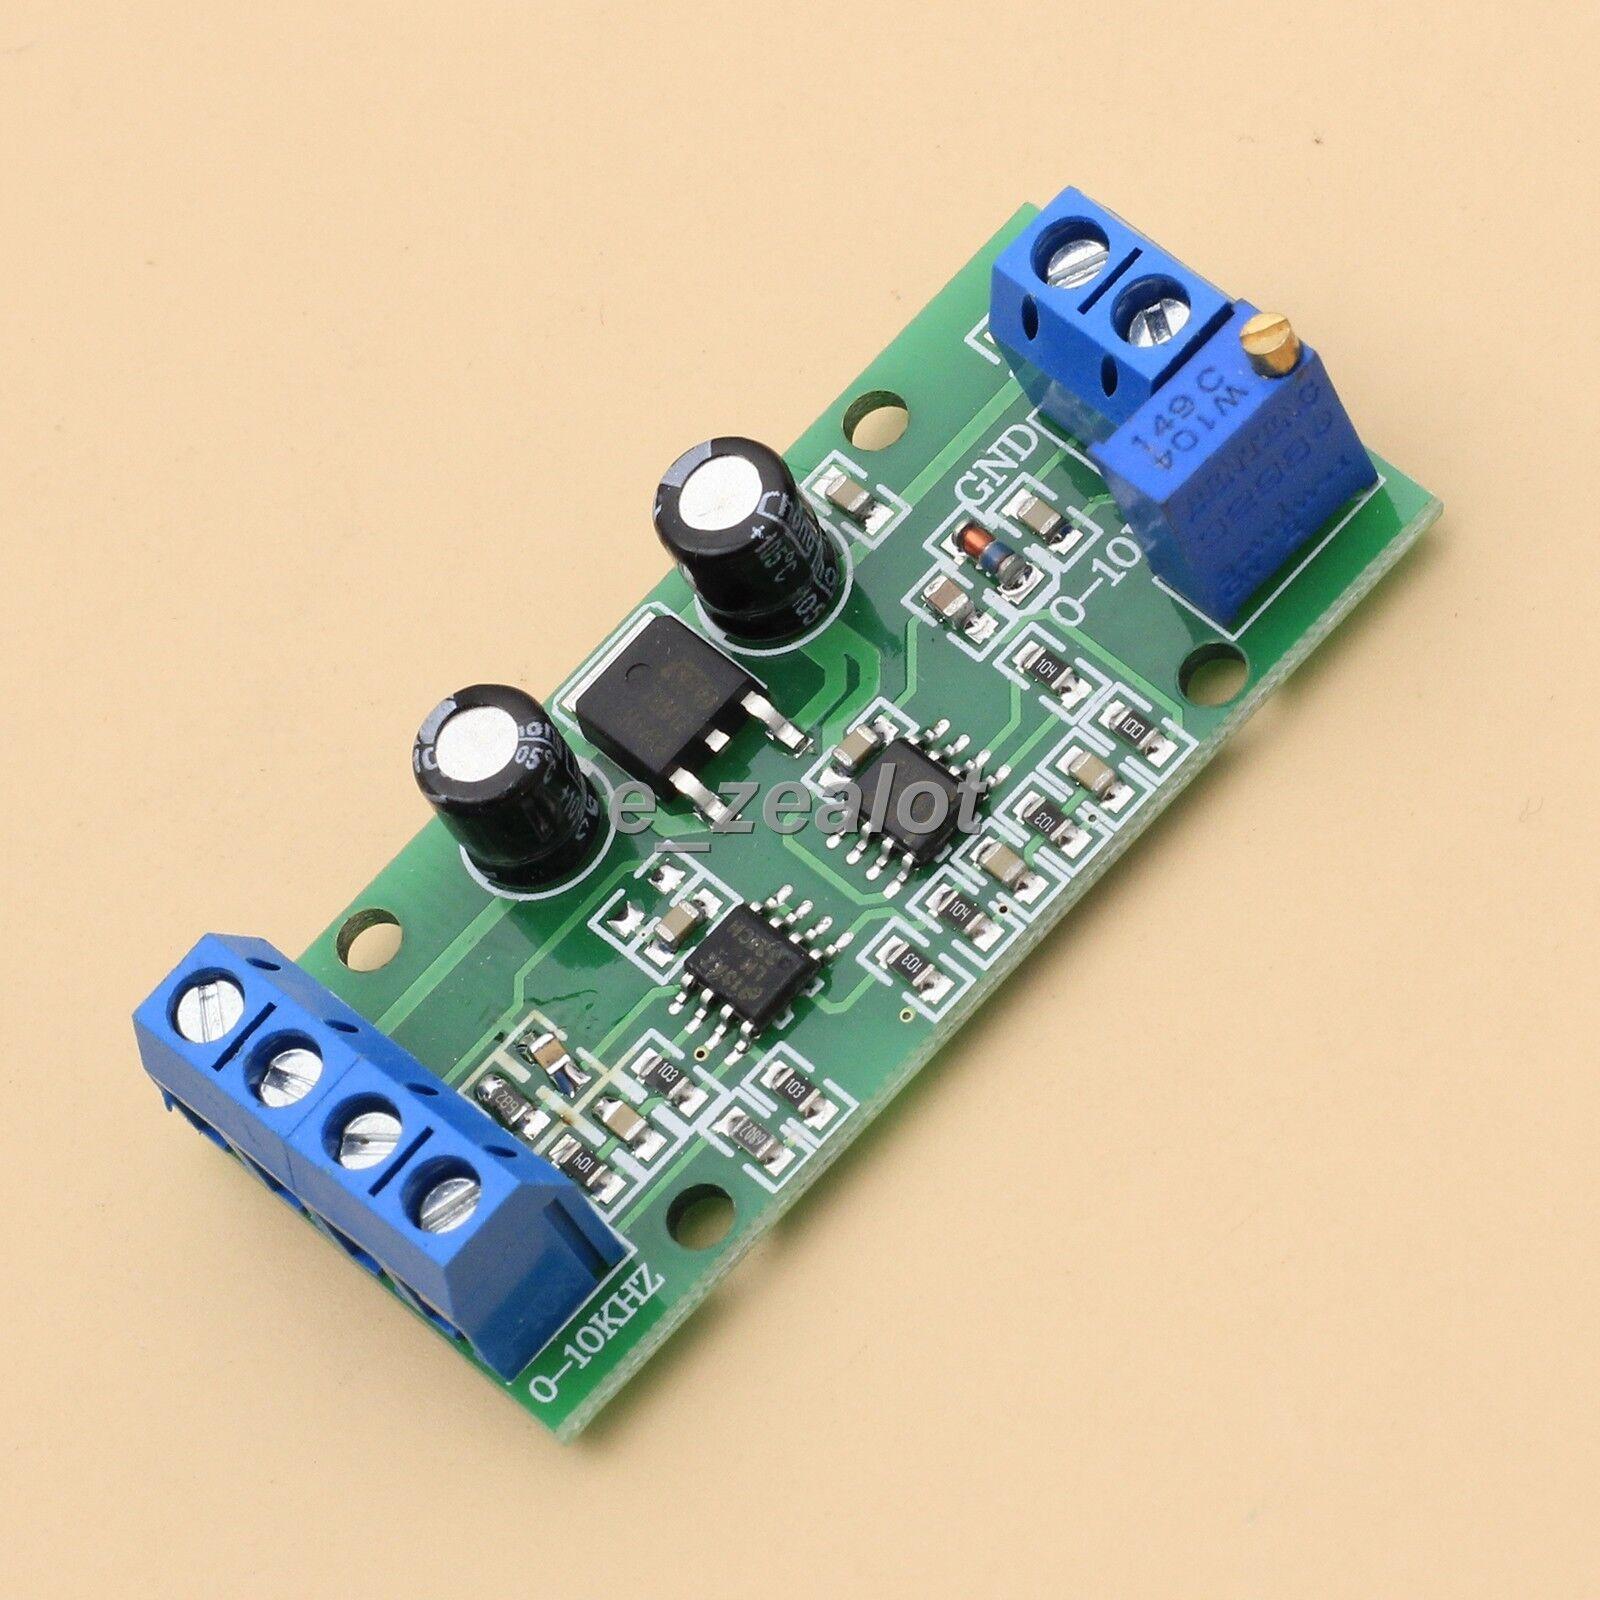 0 10v analog signal wiring 7 pin flat trailer diagram toyota f v voltage converter 10khz to digital